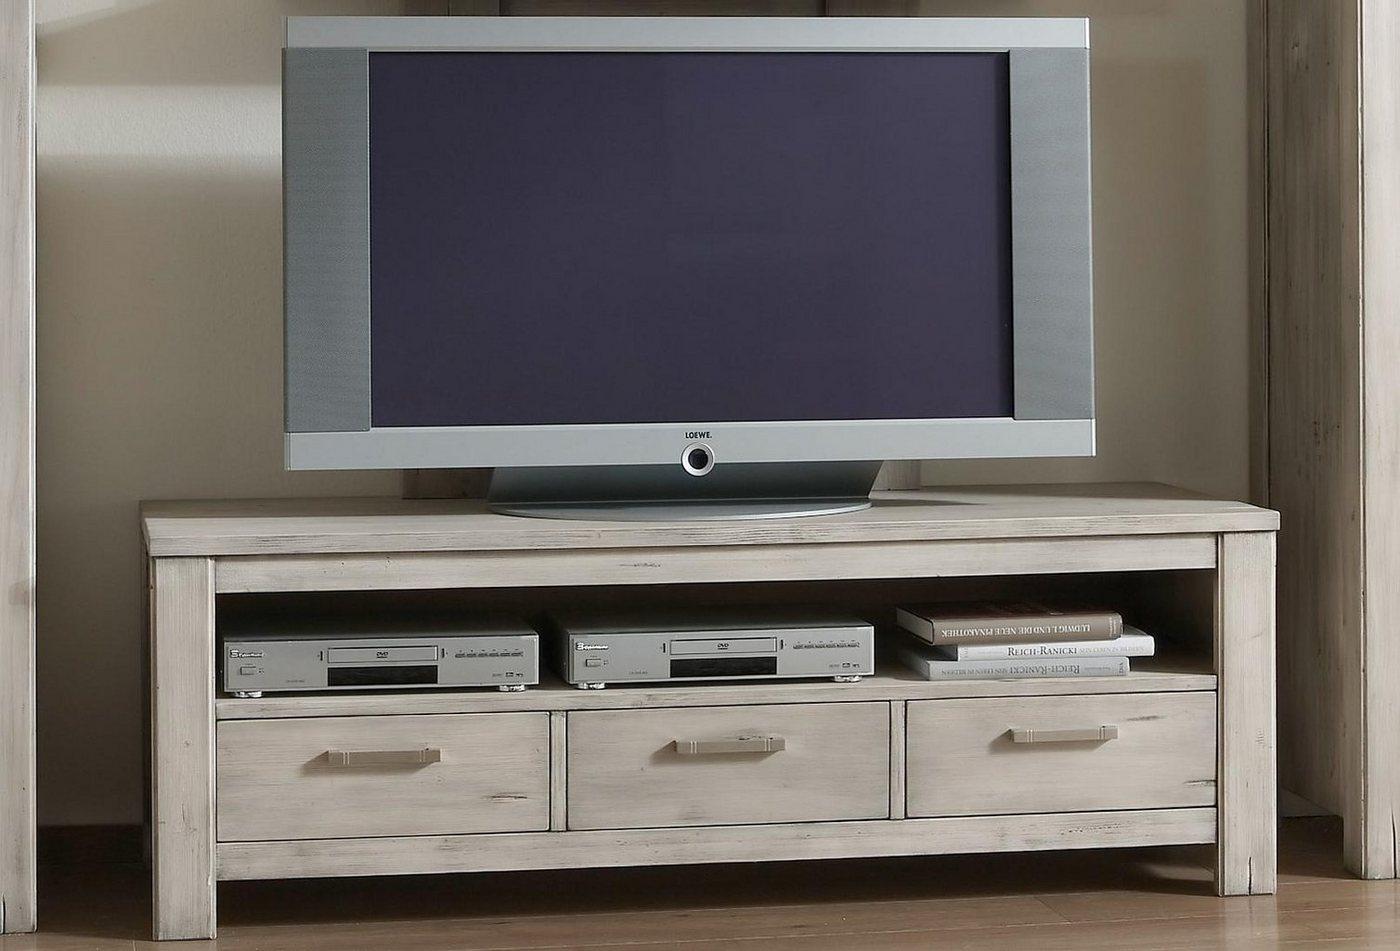 Favorit TV-meubel Lucca, breedte 156 cm